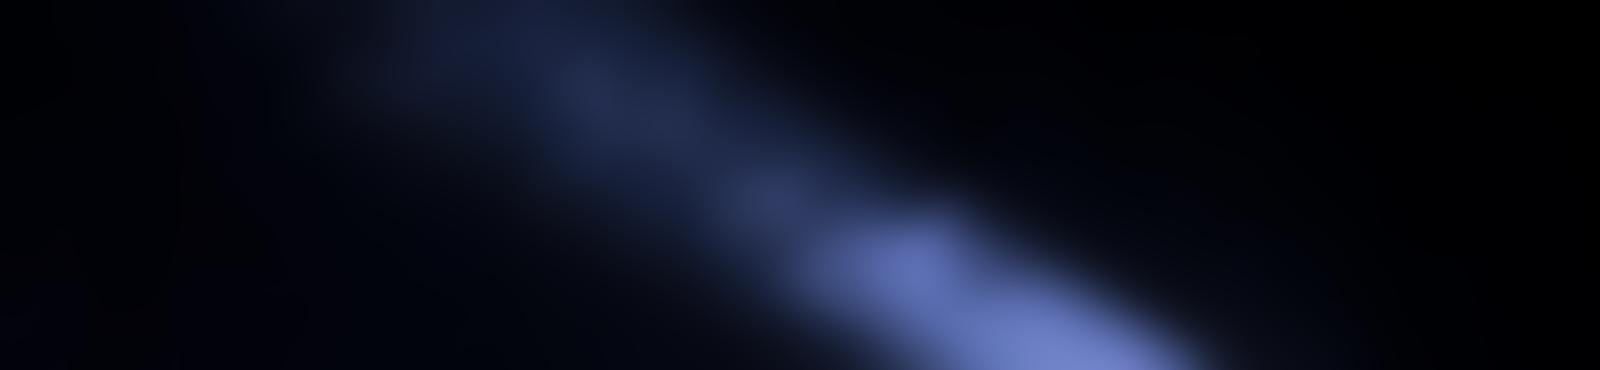 Blurred 510de809 b26d 4112 bb38 5d785e668a06